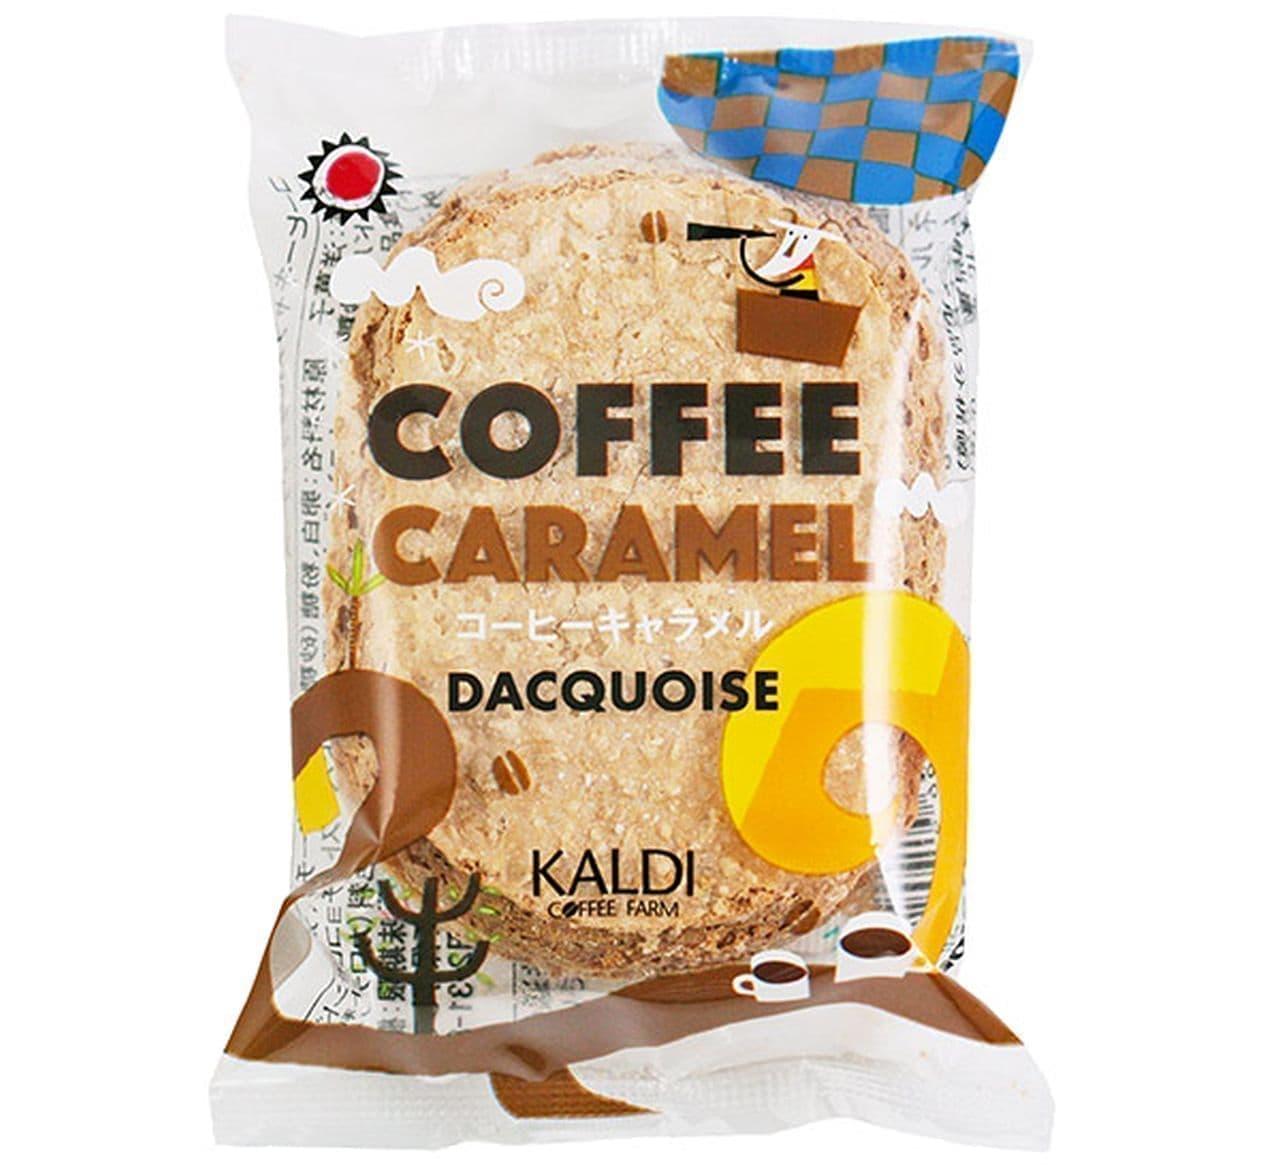 カルディ「コーヒーキャラメルダックワーズ」